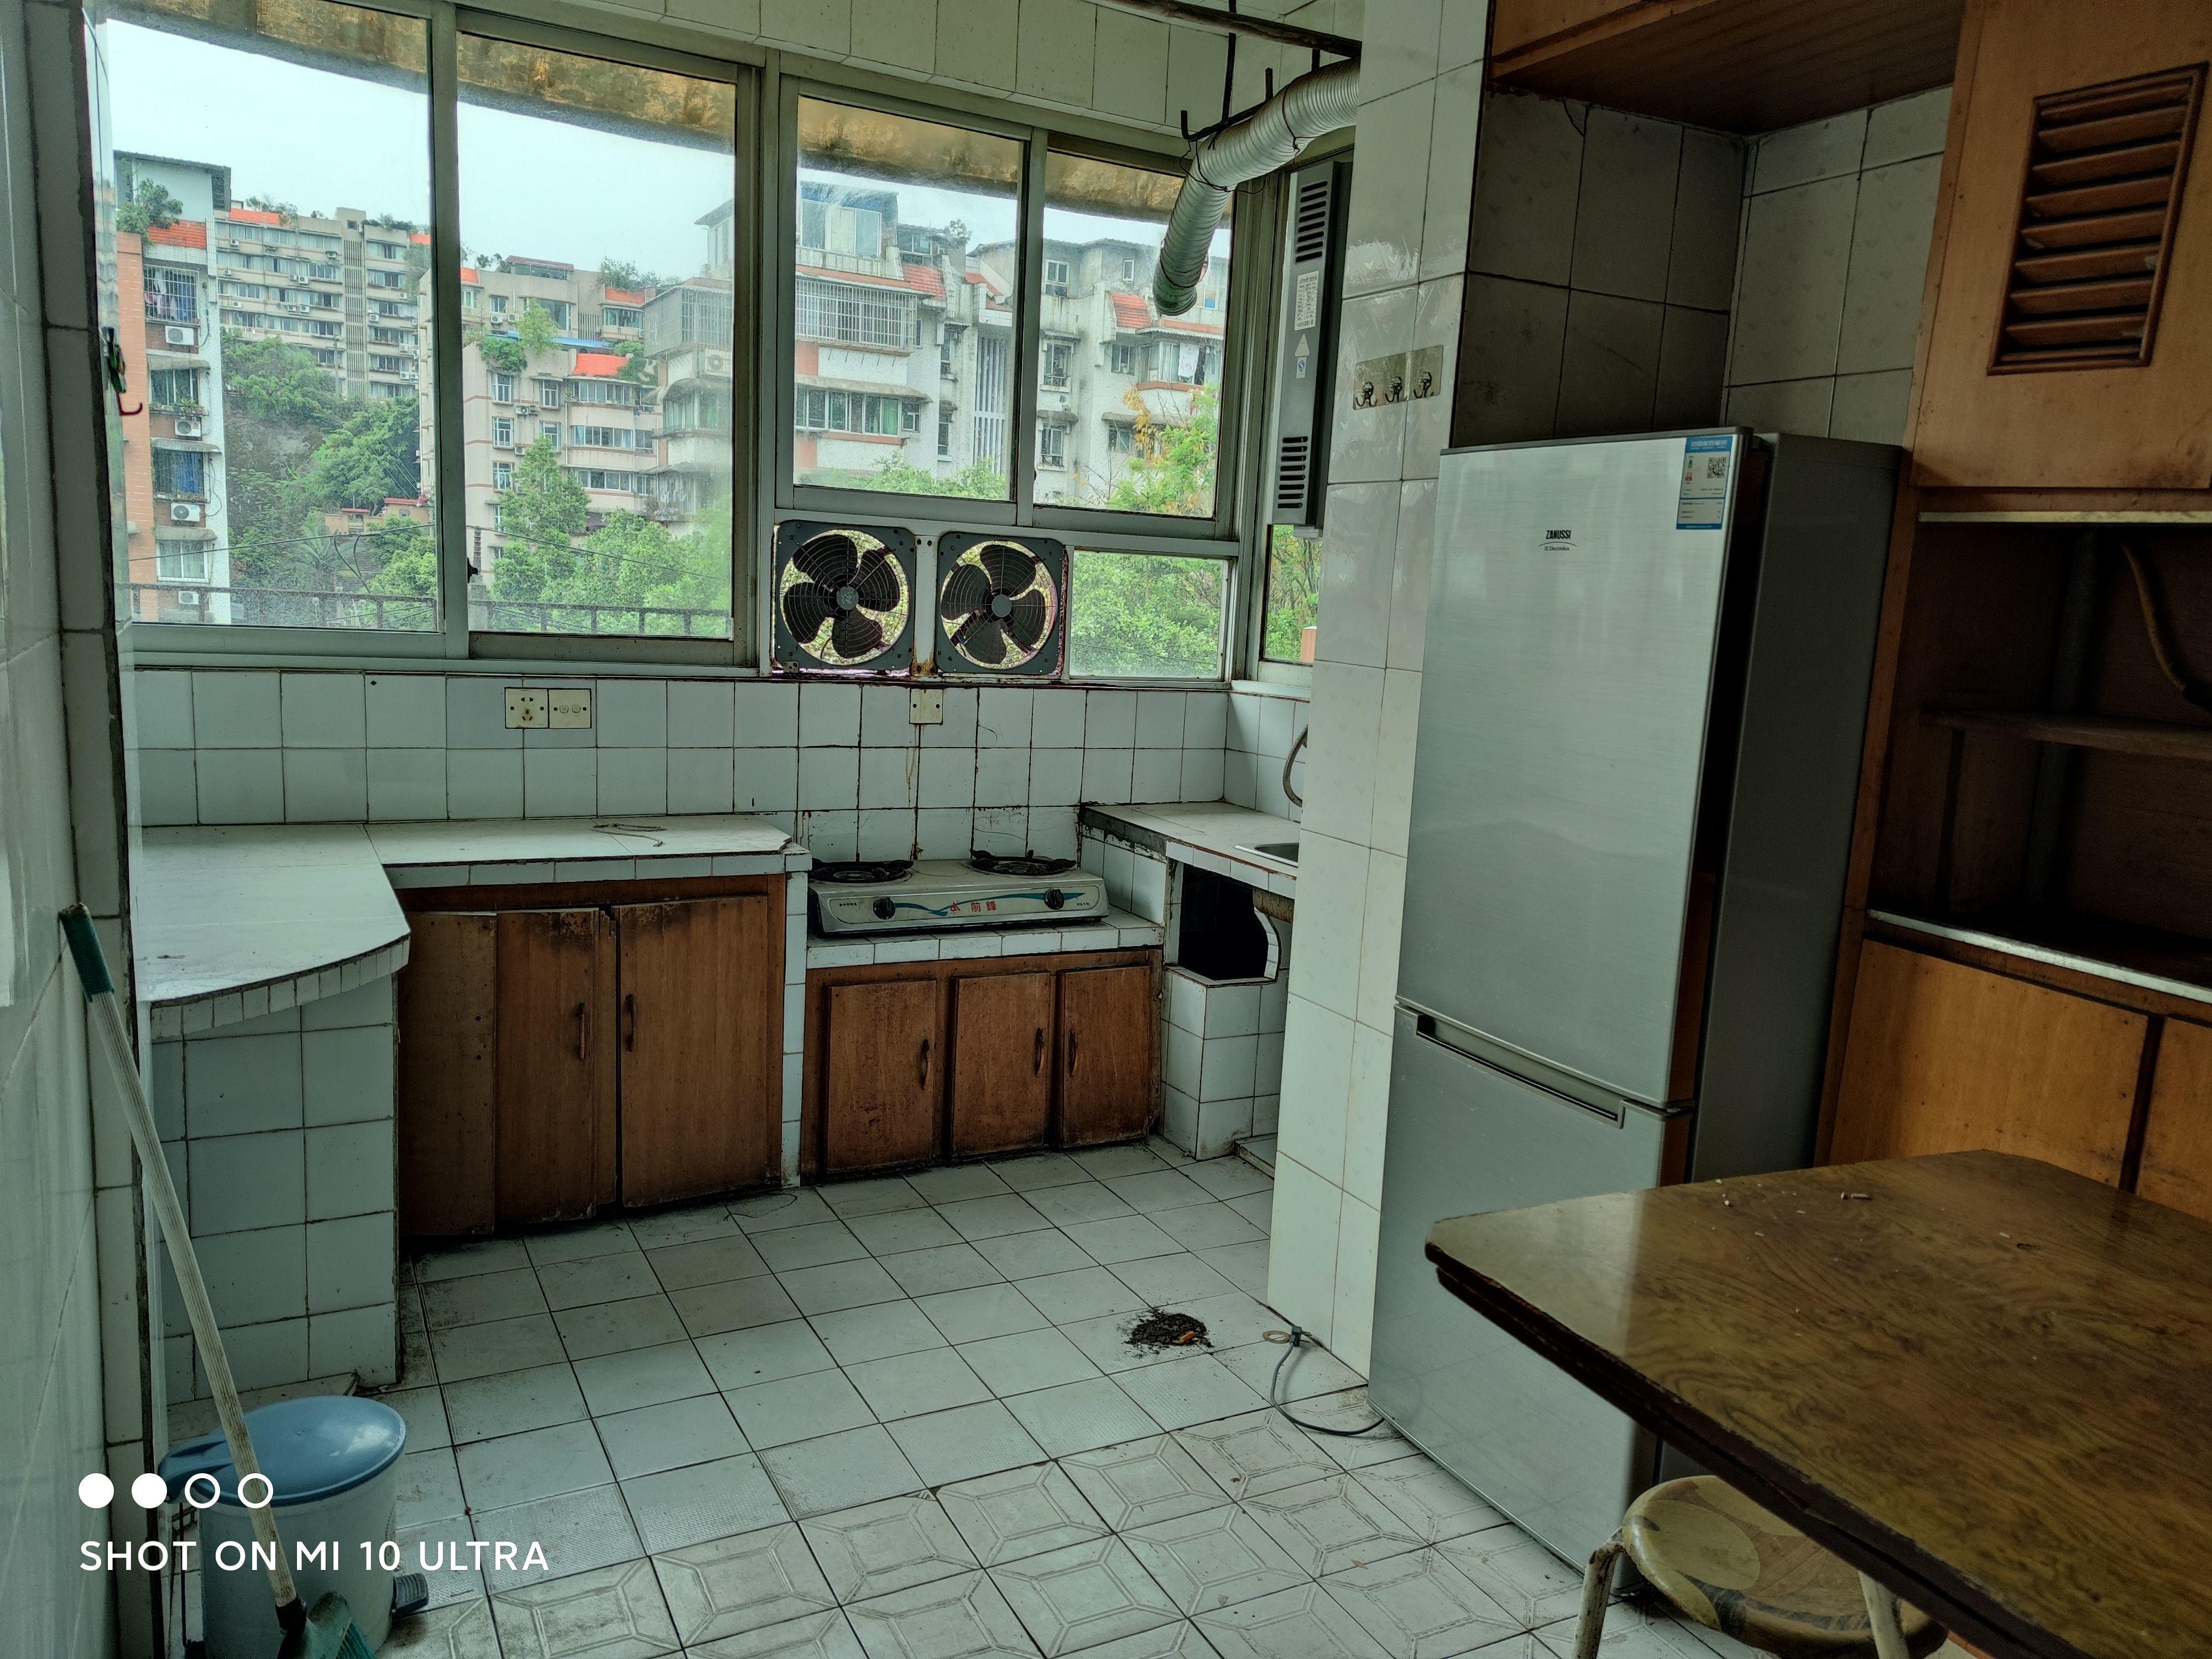 客运站旁交通苑2室2厅1卫 邻学校、菜市